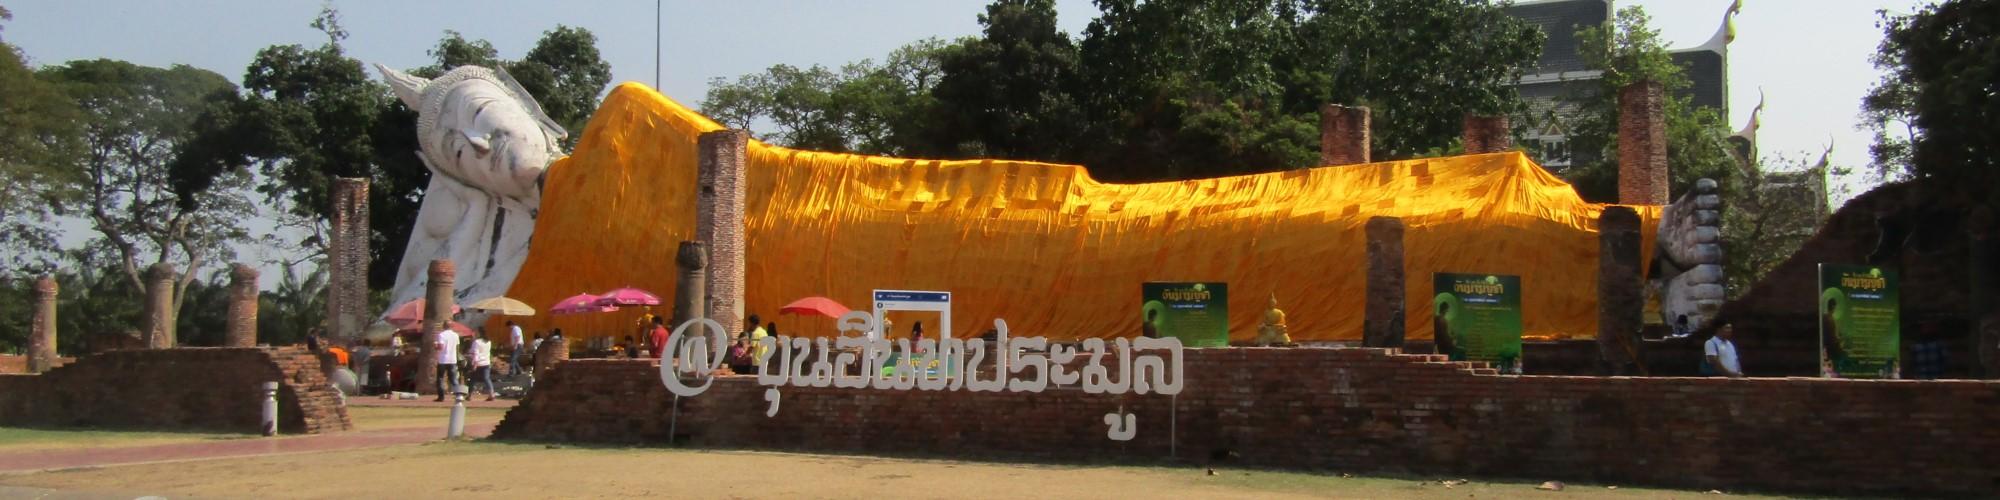 Reclining Buddha Image at Wat Khun Inthapamun, Pho Thong District, Angthong Province